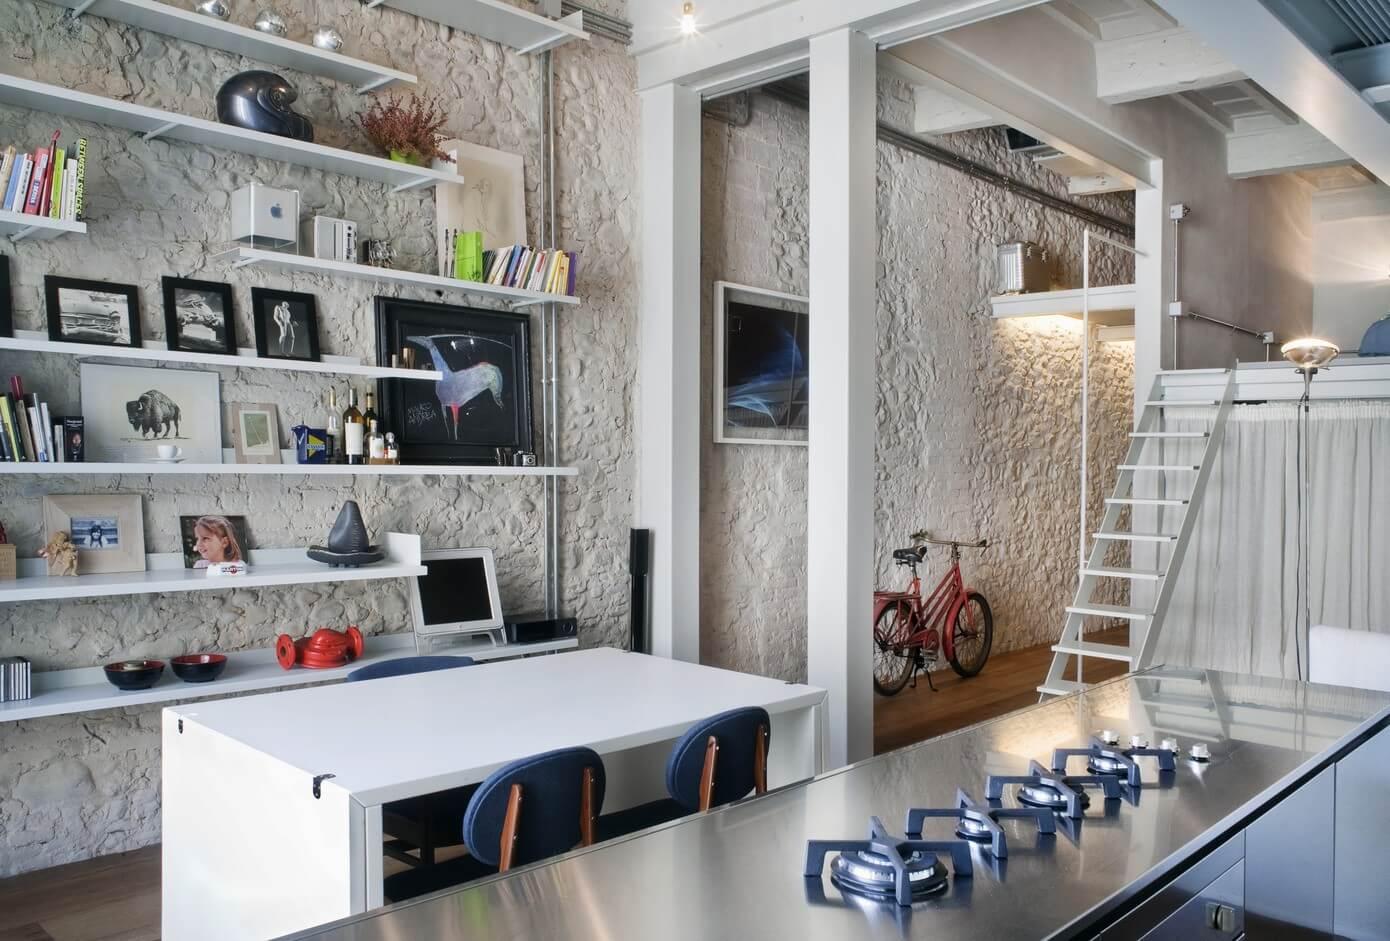 Decoracion Loft Moderno ~  Decoraci?n, Dise?o y Muebles Un moderno loft en Florencia